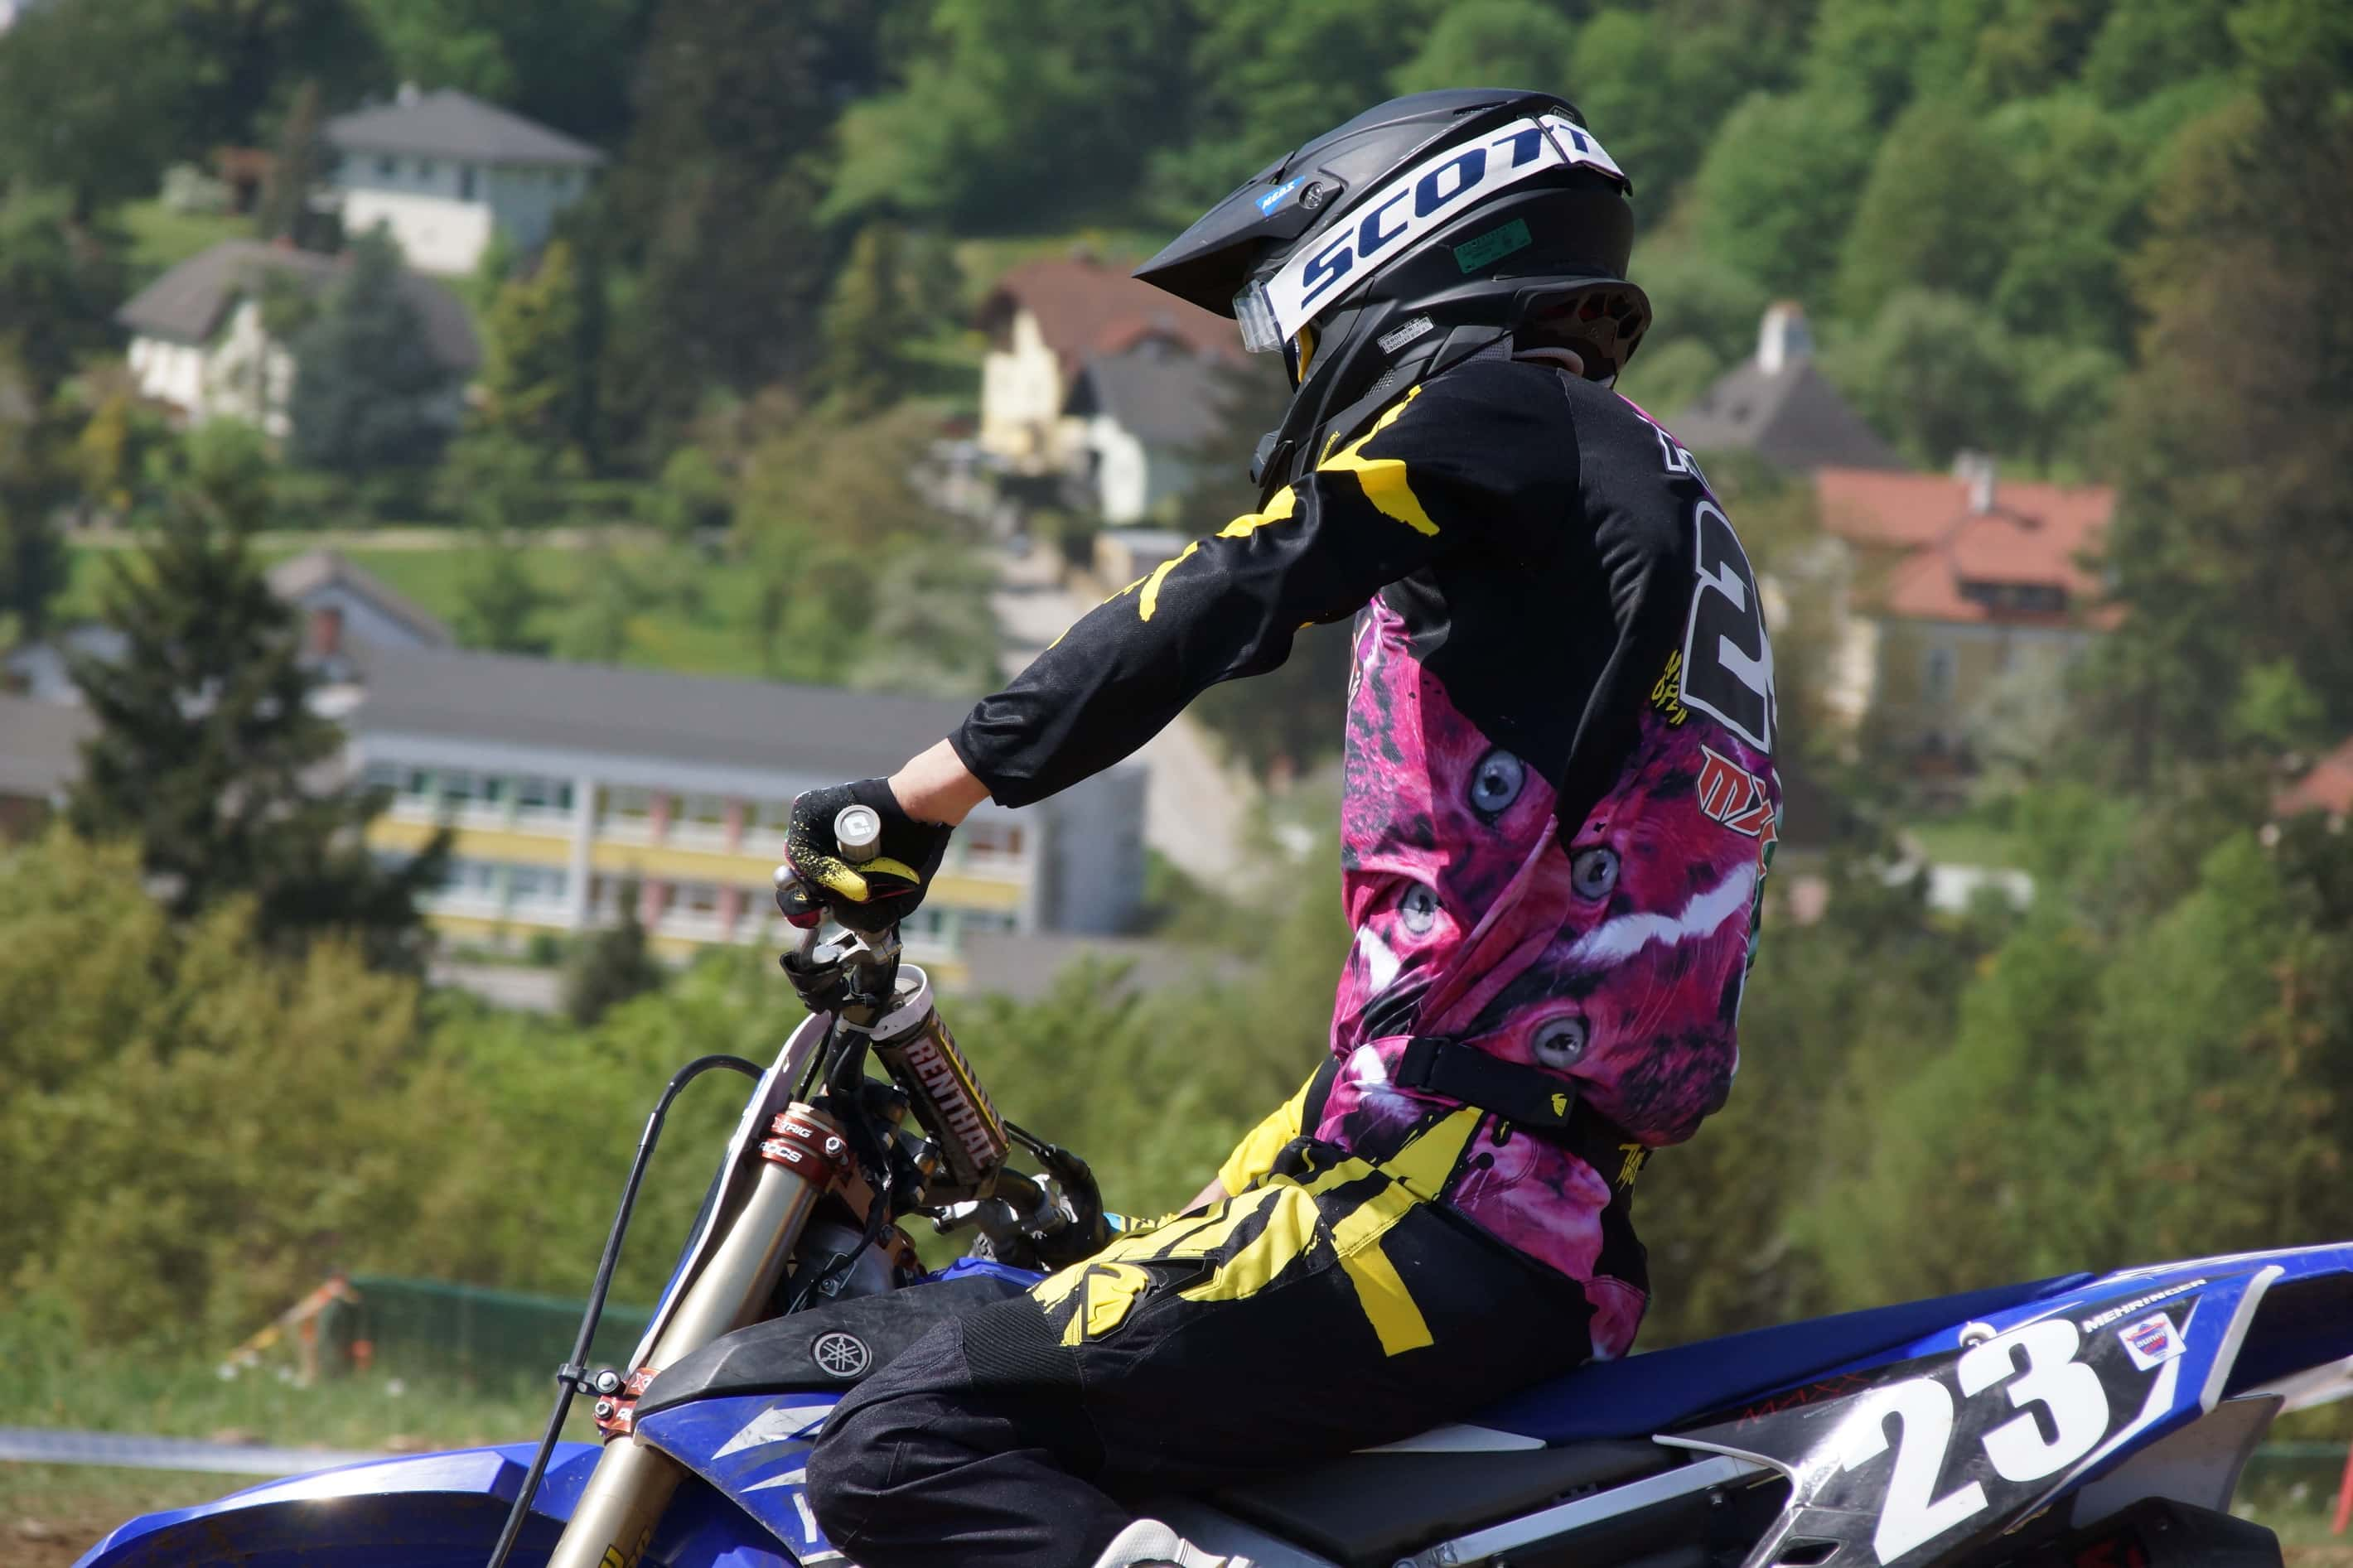 DSC1013_Moto Cross Sittendorf